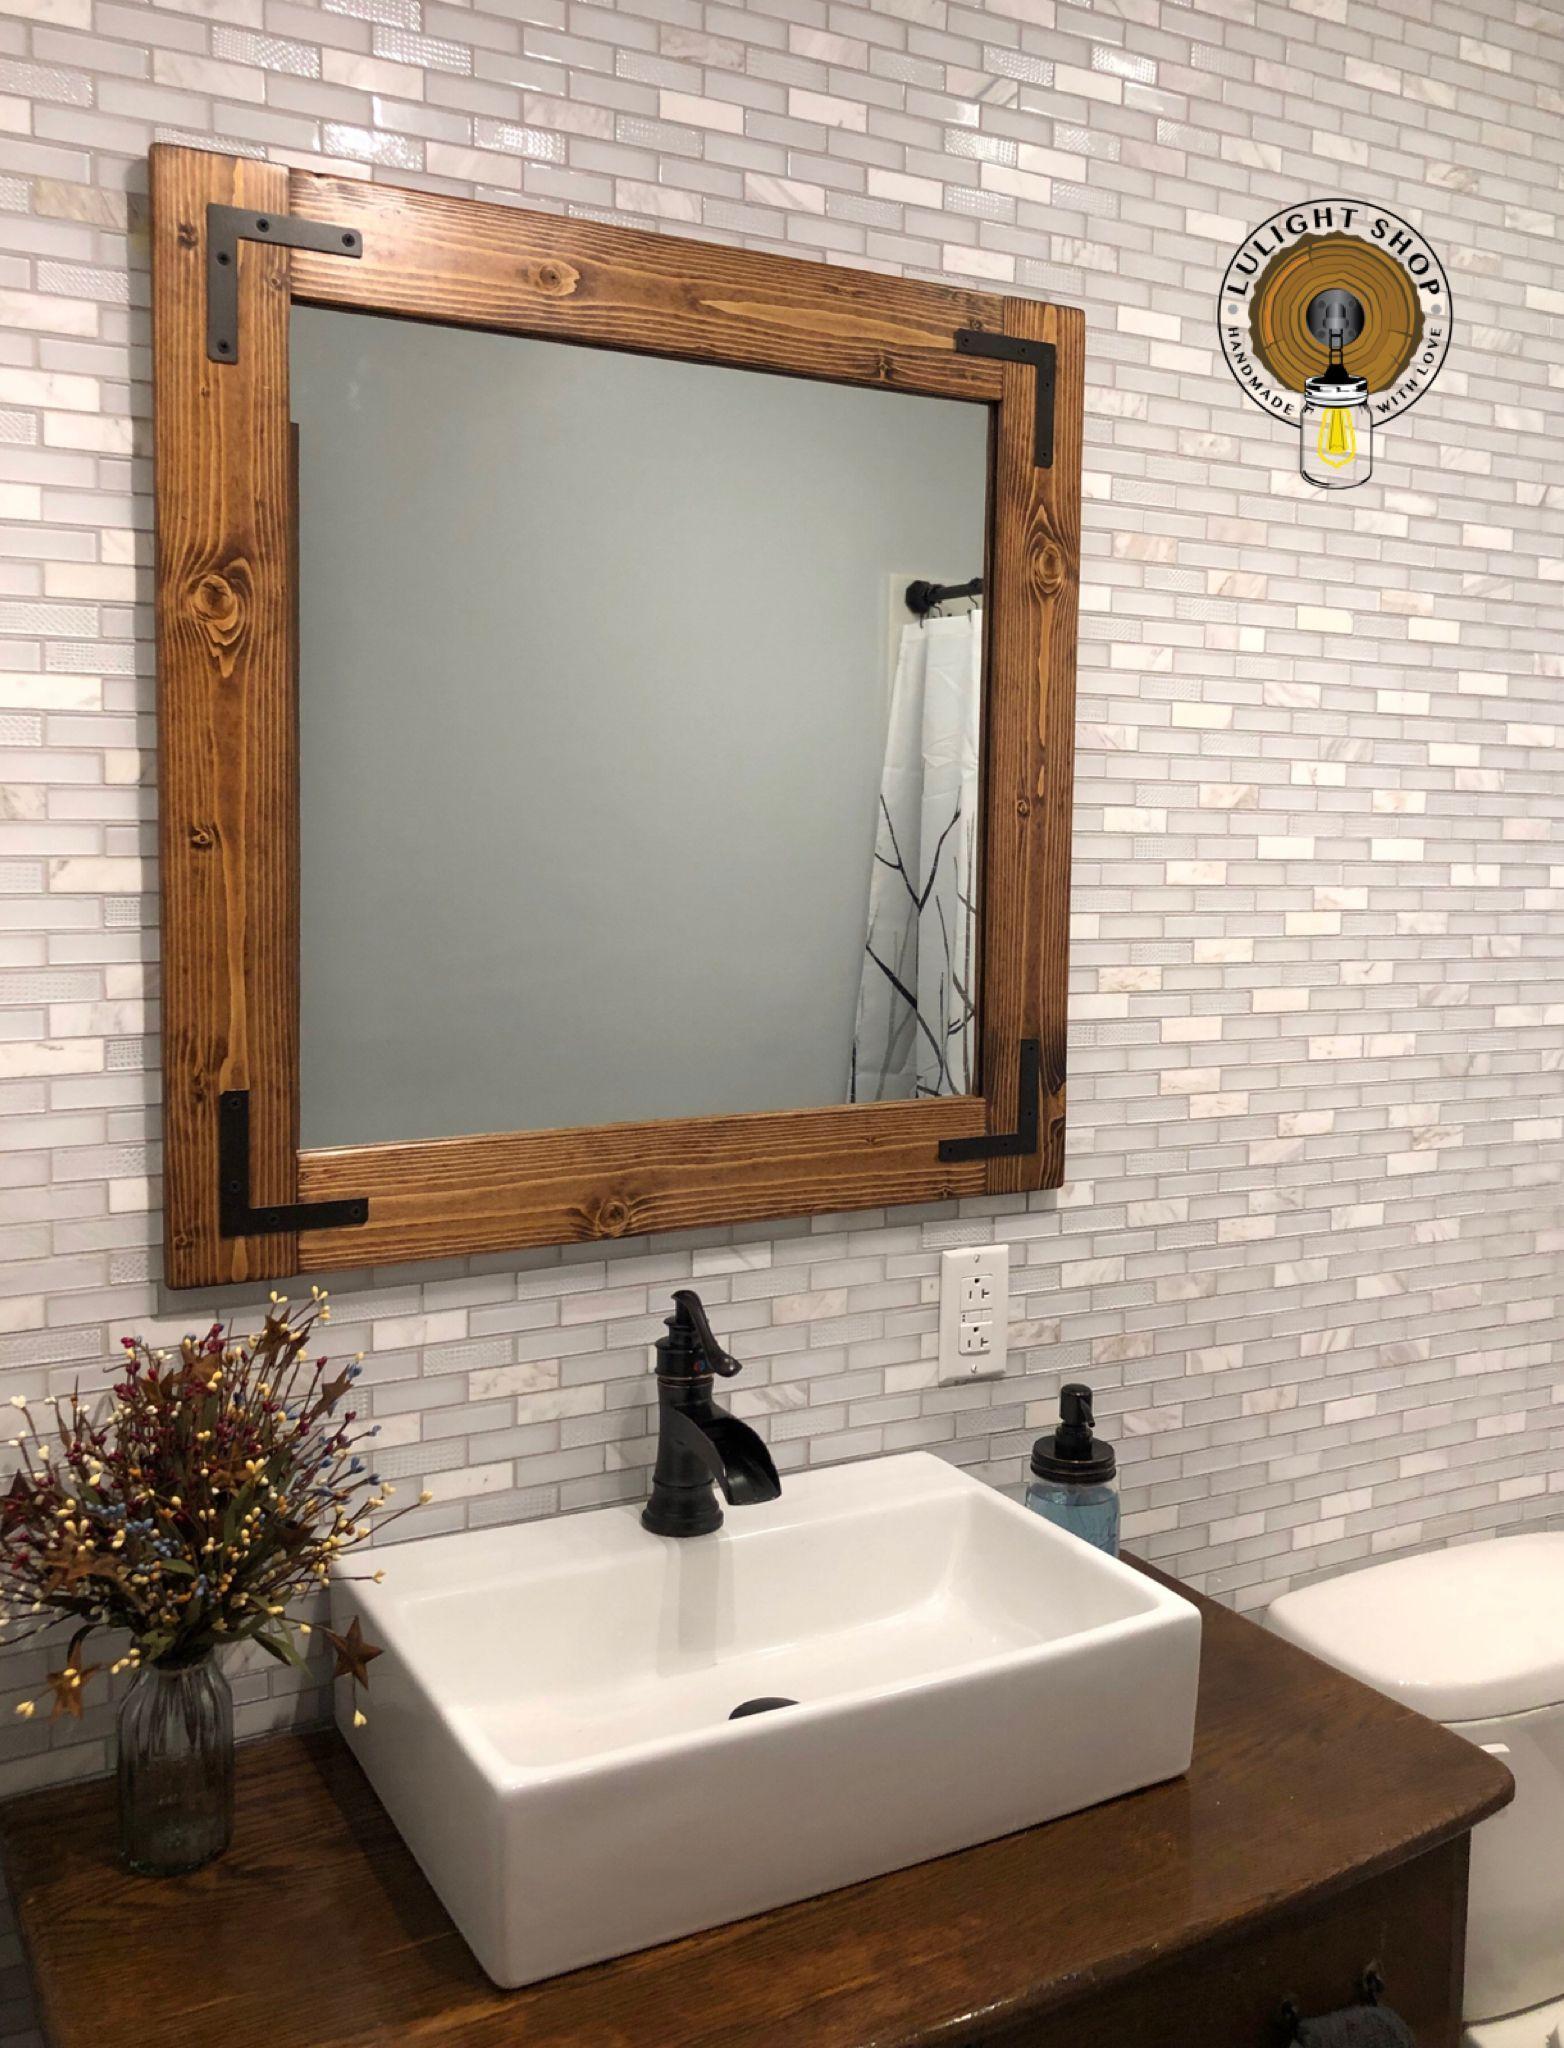 Handmade Mirror By Lulight Shop Bathroom Mirror Rustic Mirror